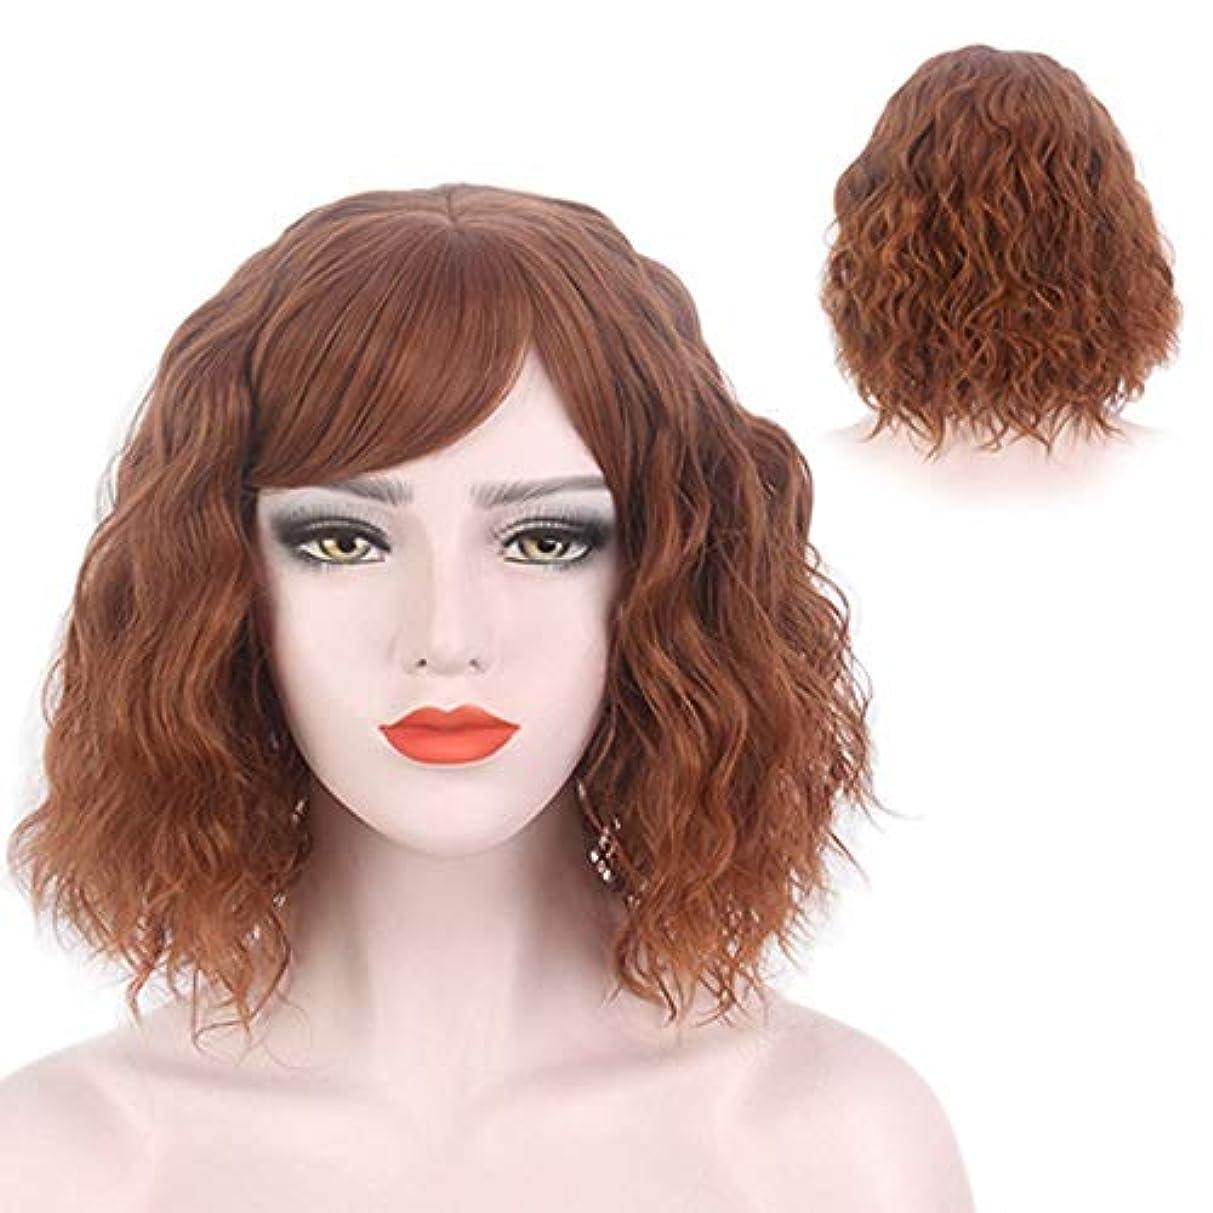 草摂動ピジンYOUQIU 女性のブラウンボブウィッグ自然な耐熱合成ファッションかつらウィッグ用ショートカーリーウィッグ (色 : ブラウン)